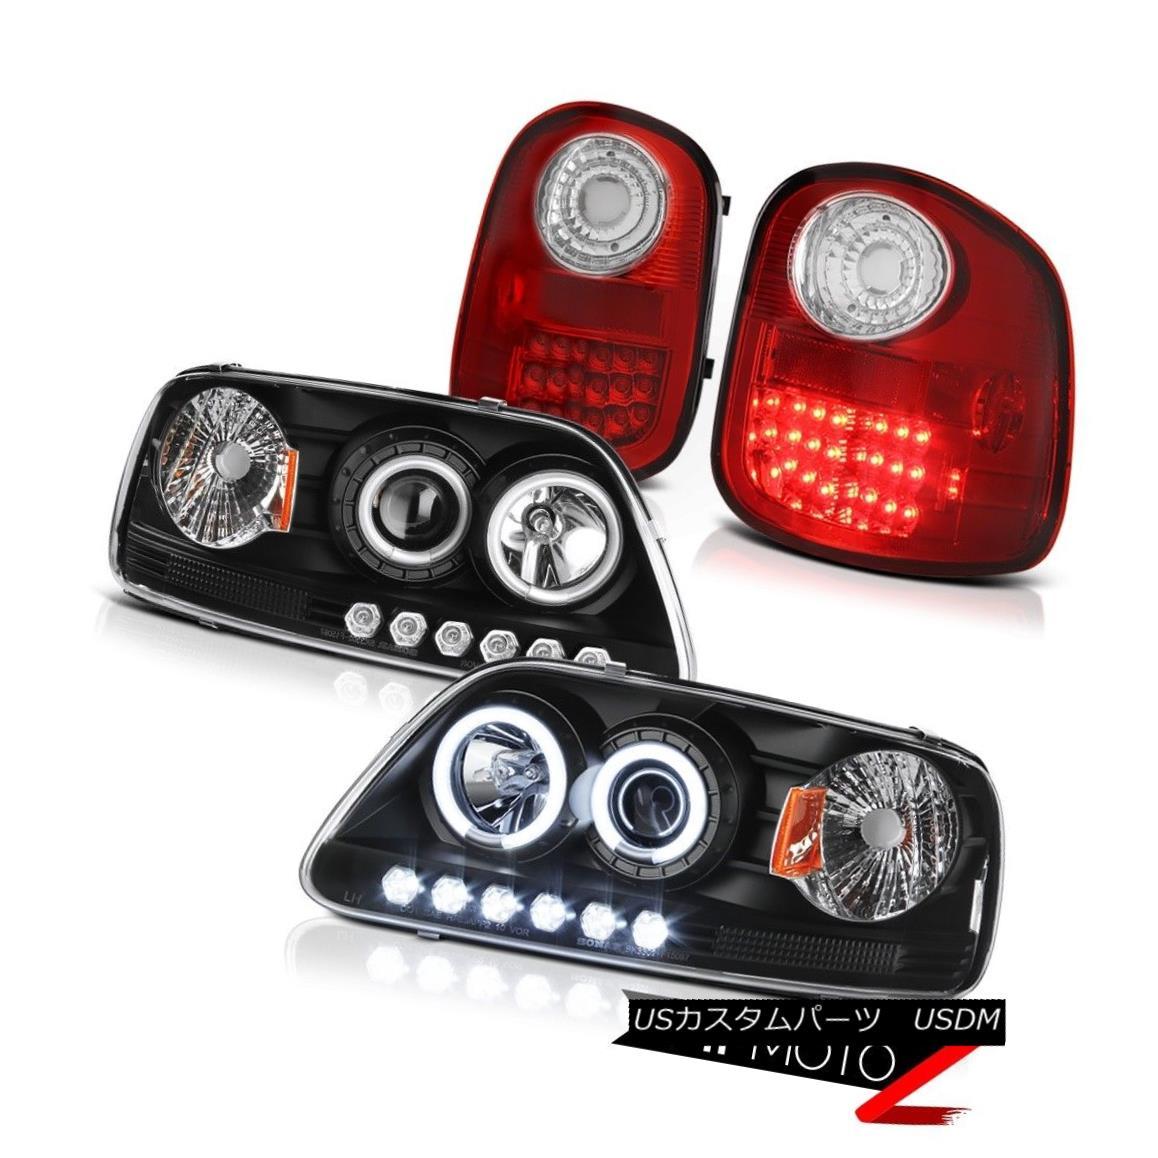 テールライト CCFL Halo Headlights LED Taillights Red 1997-2003 Ford F150 Flareside Hertiage CCFL HaloヘッドライトLEDテールライトレッド1997-2003 Ford F150 Flareside Heritage